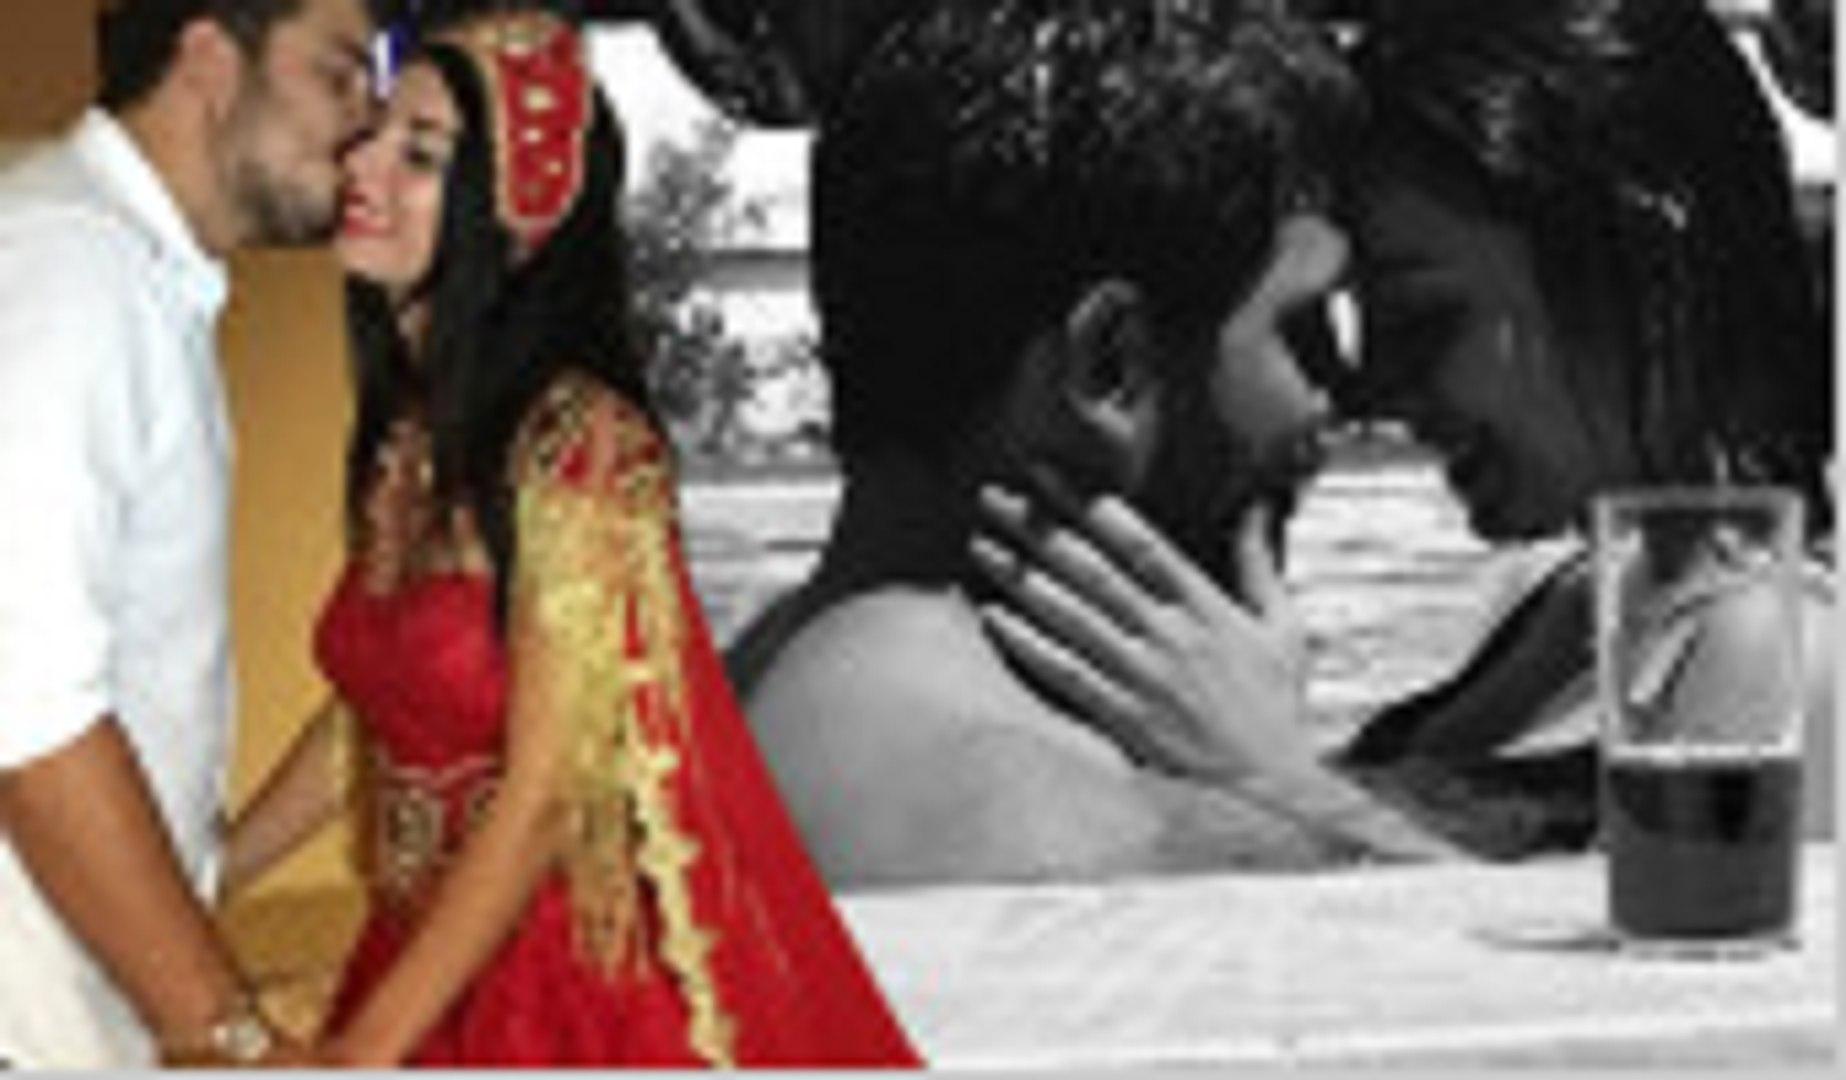 Yeni Evlendiler! En Mahrem Sırlarını Tek Tek İfşa Ediyorlar